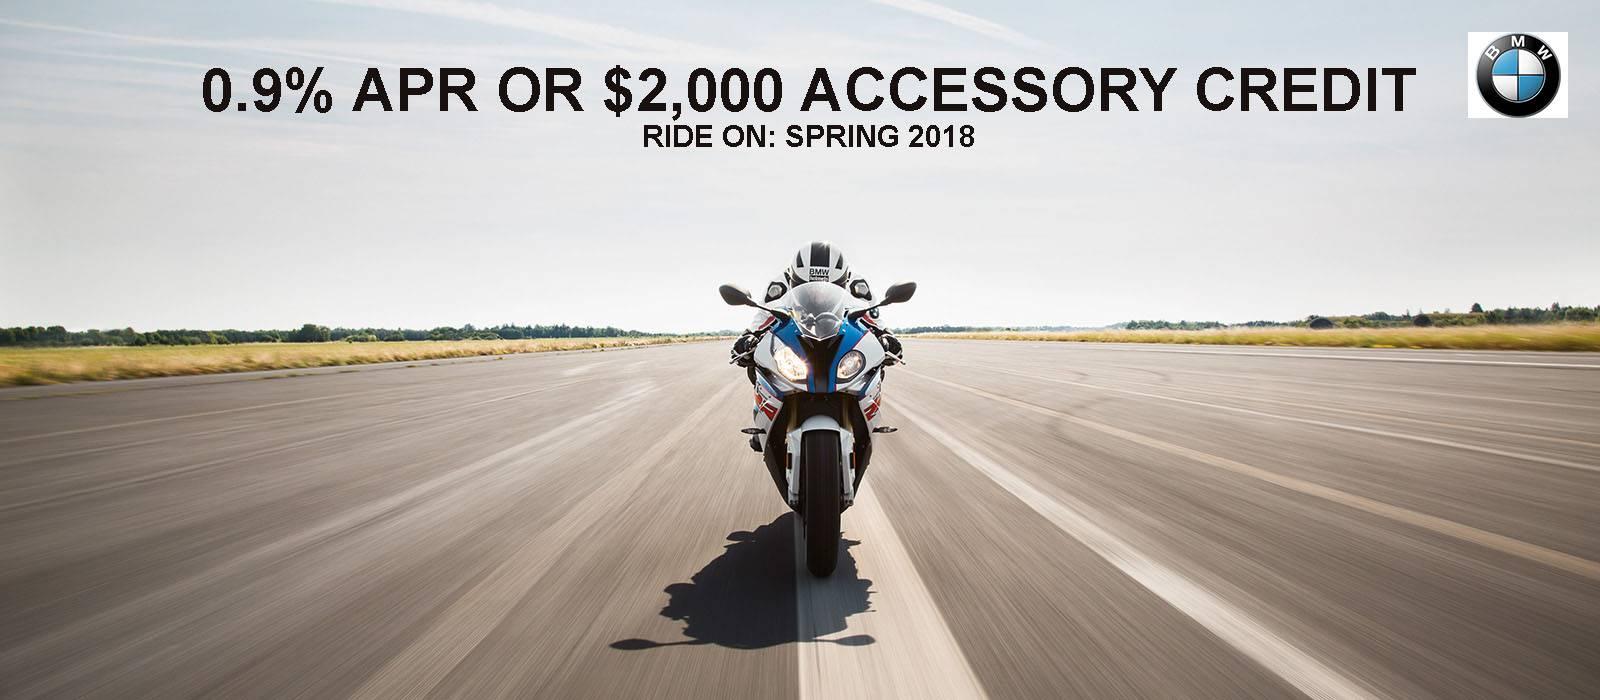 BMW - 0.9% APR OR $2,000 ACCESSORY CREDIT